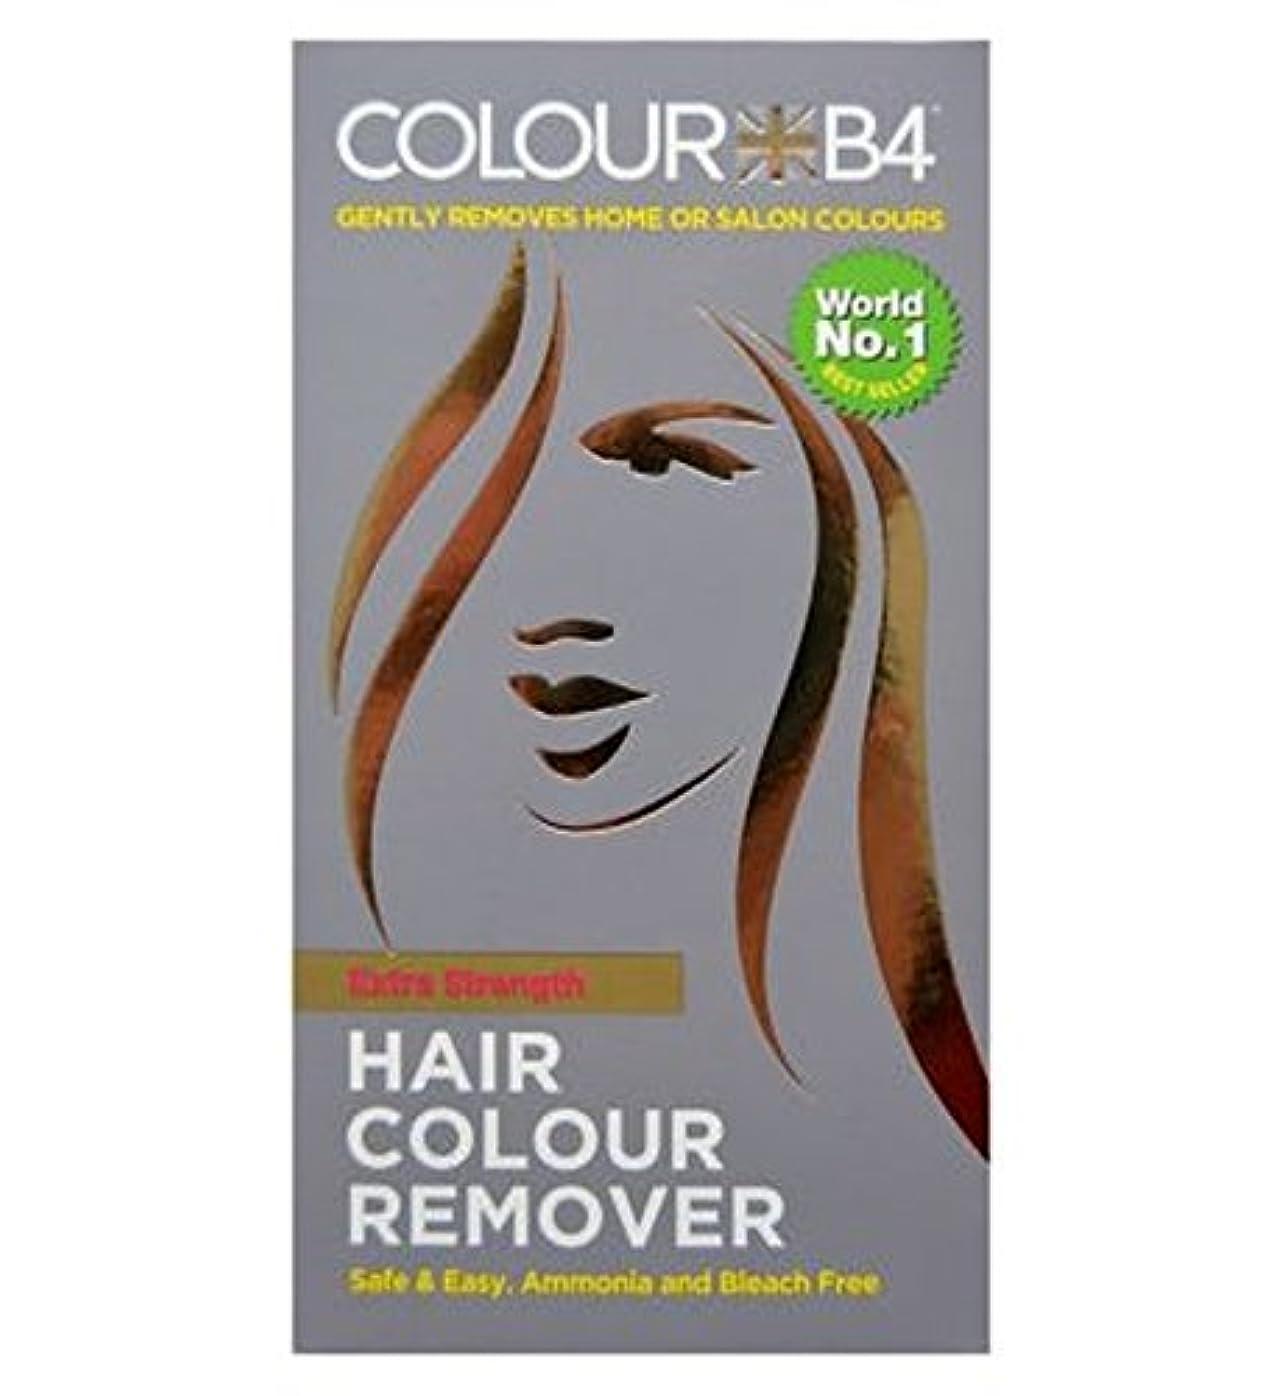 マニフェスト地下室休暇Colour B4. Hair colour remover extra strength - カラーB4。ヘアカラーリムーバー余分な強さ (ColourB4) [並行輸入品]